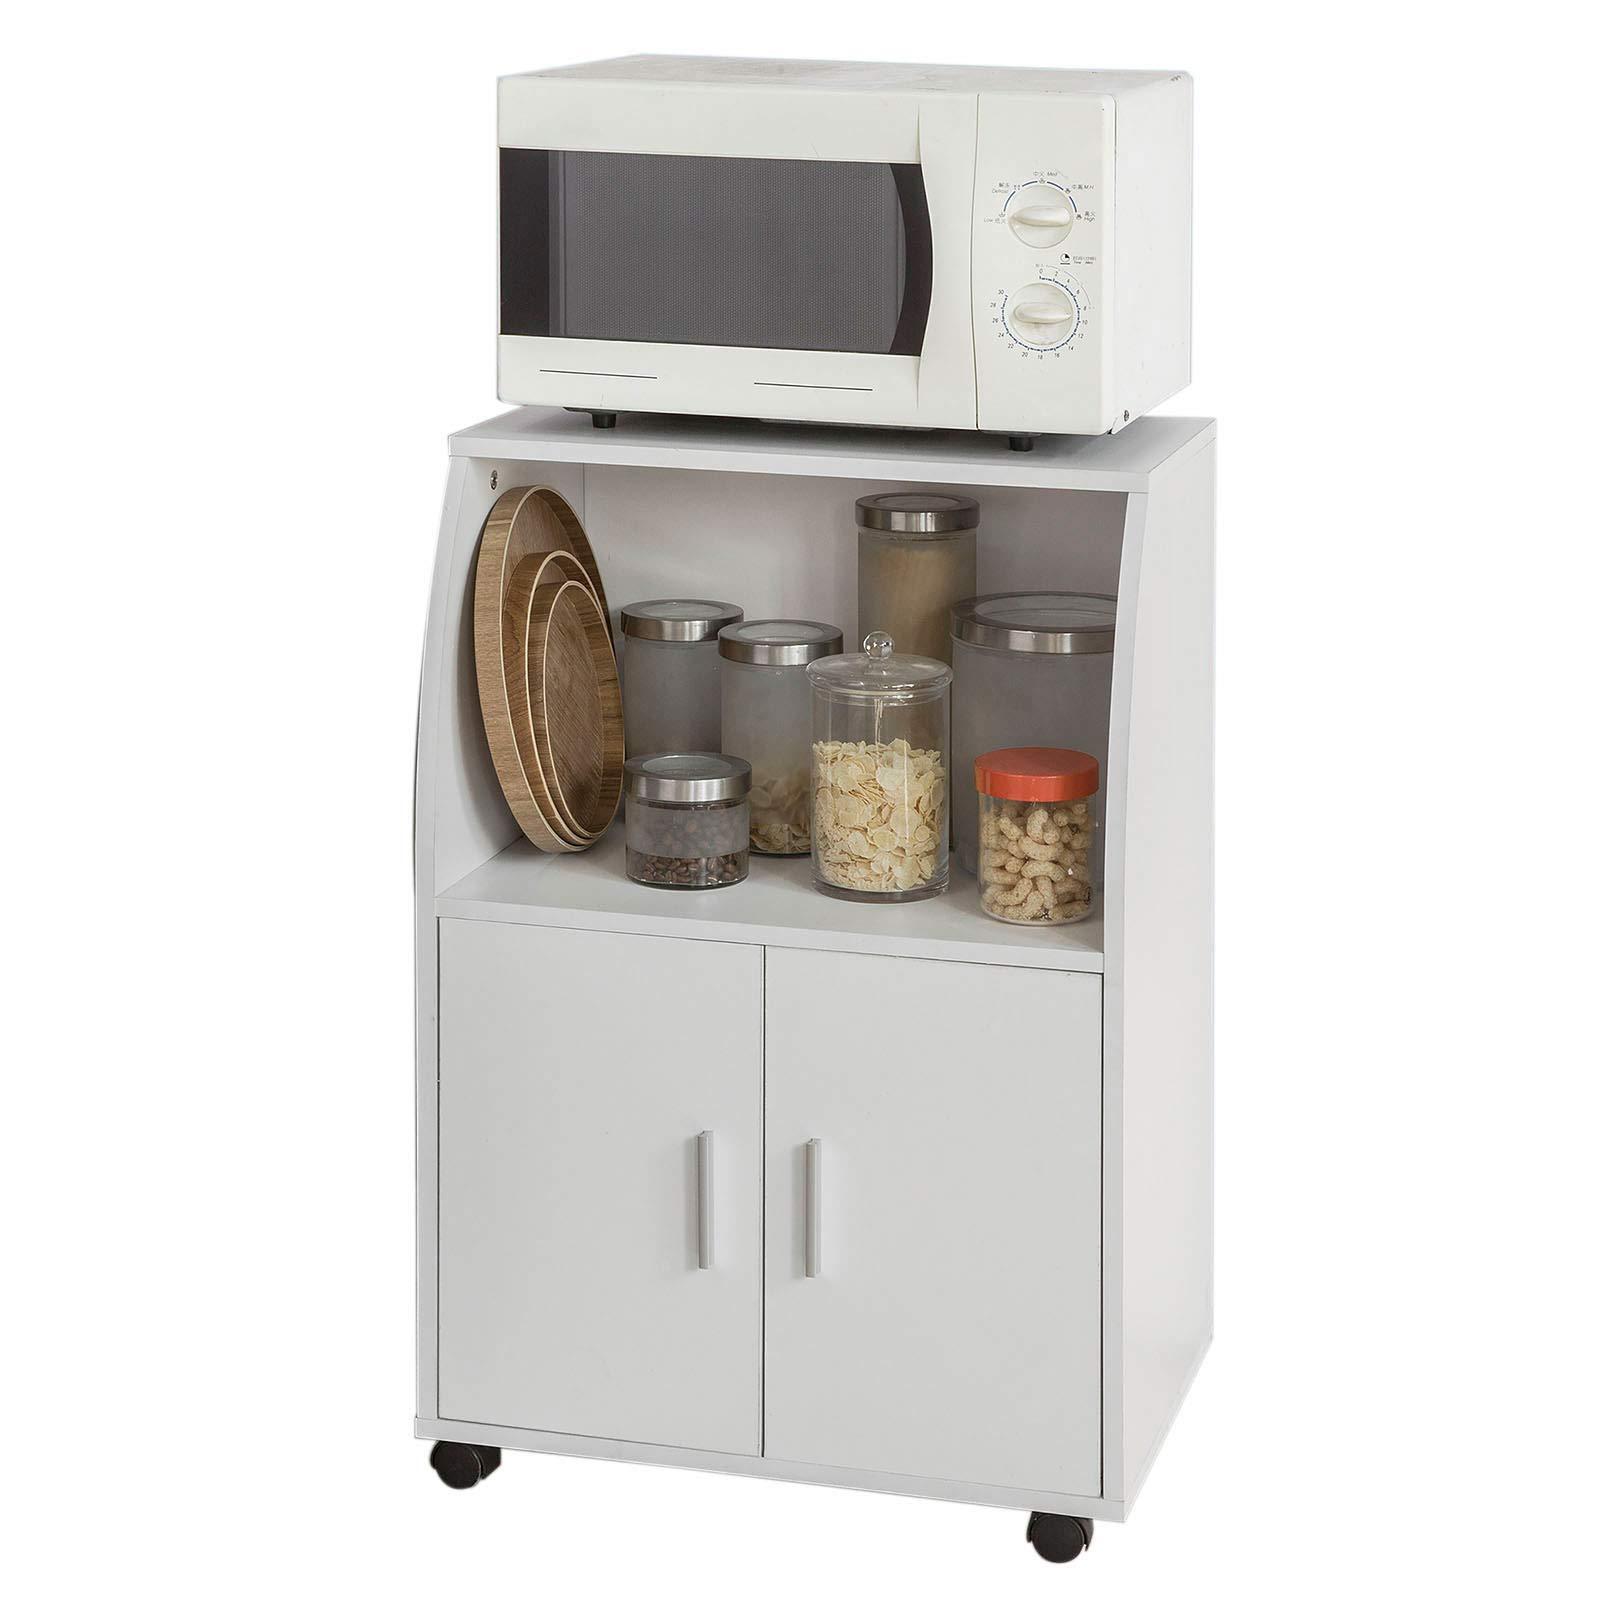 SoBuy®Aparador auxiliar bajo de cocina para microondas,con 2 puertas y 1 estante